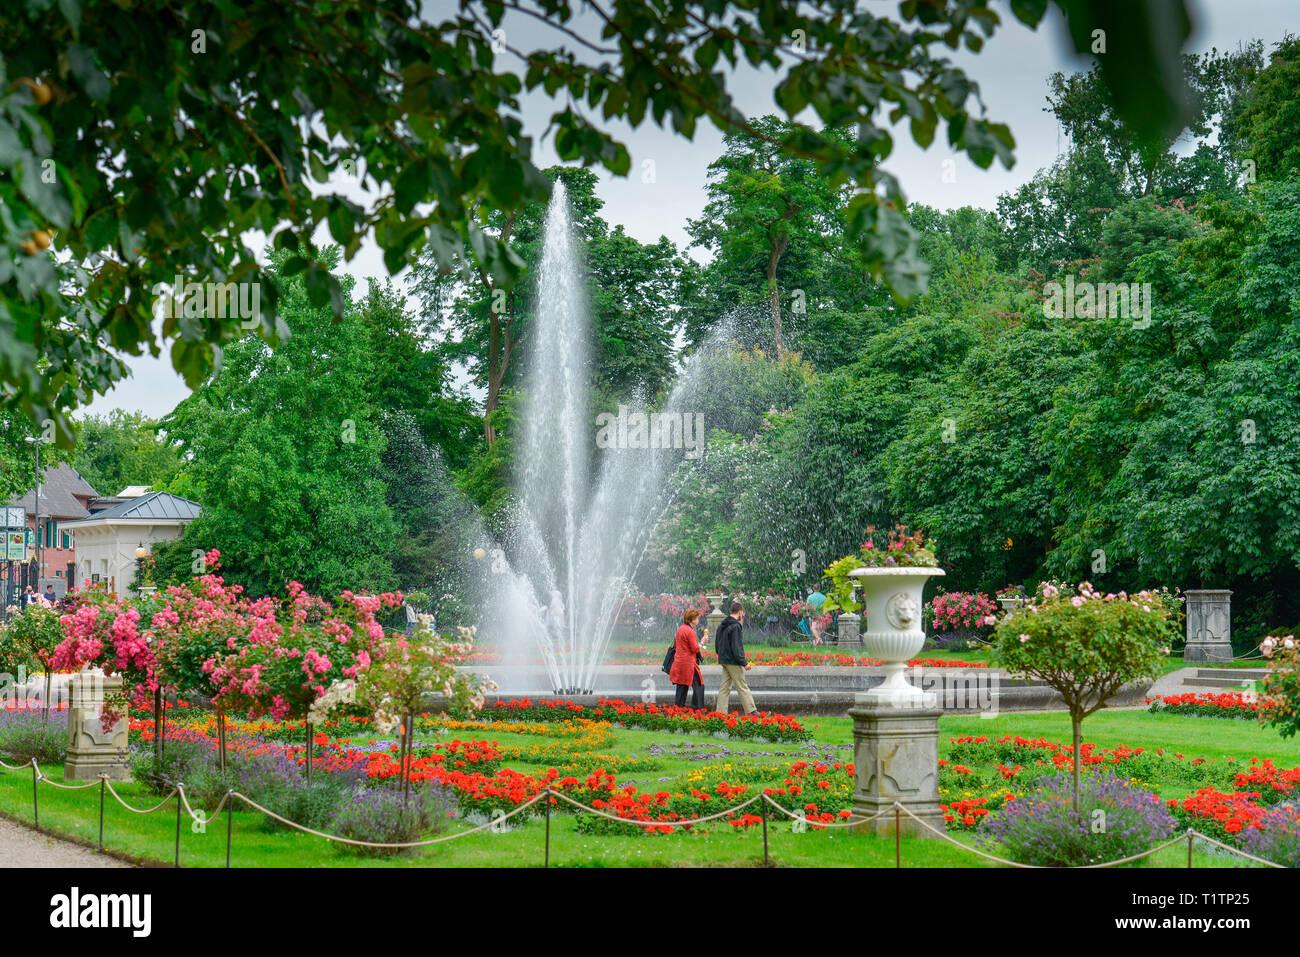 Flora, Botanischer Garten, Riehl, Koeln, Nordrhein-Westfalen Online